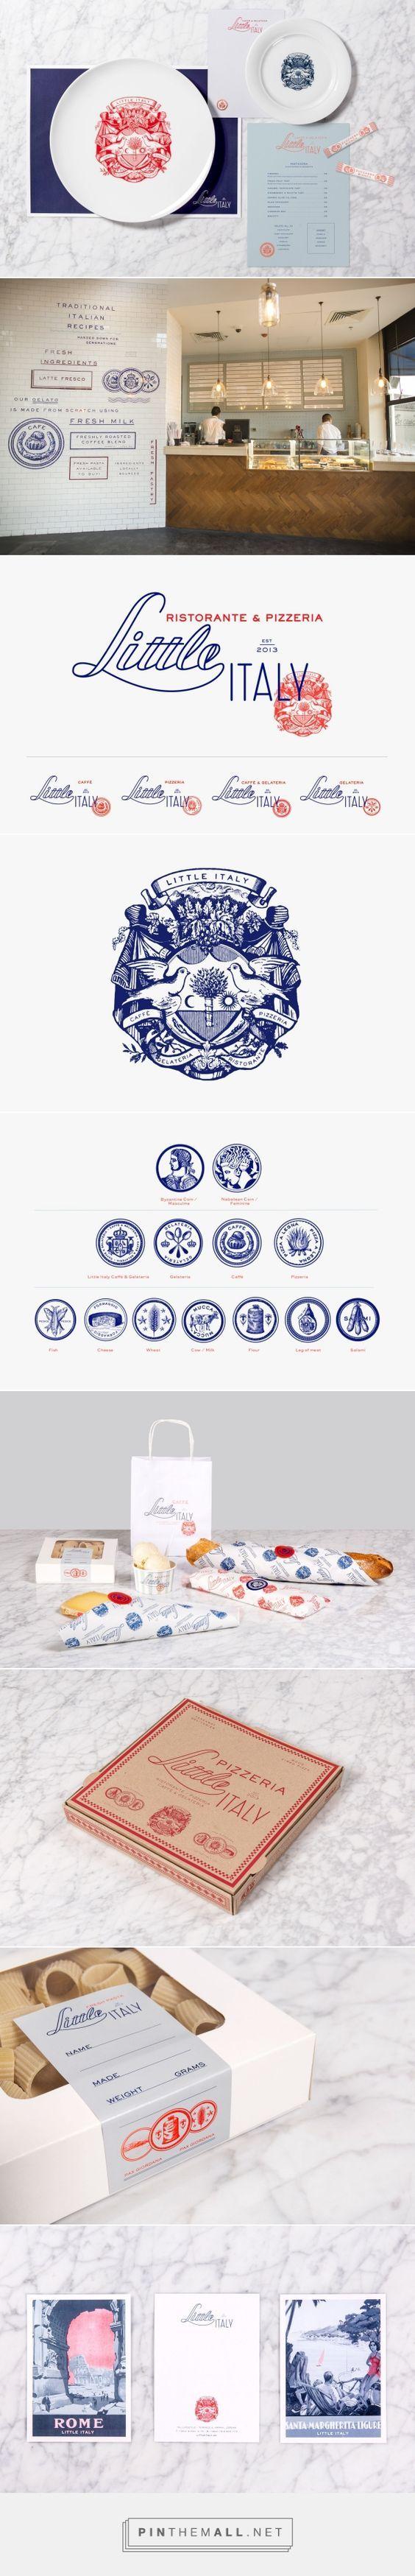 Little Italy restaurante Branding Aquí por Diseño |  Agencia de Branding Fivestar - Diseño y la Agencia de Branding & Inspiration Gallery Curada